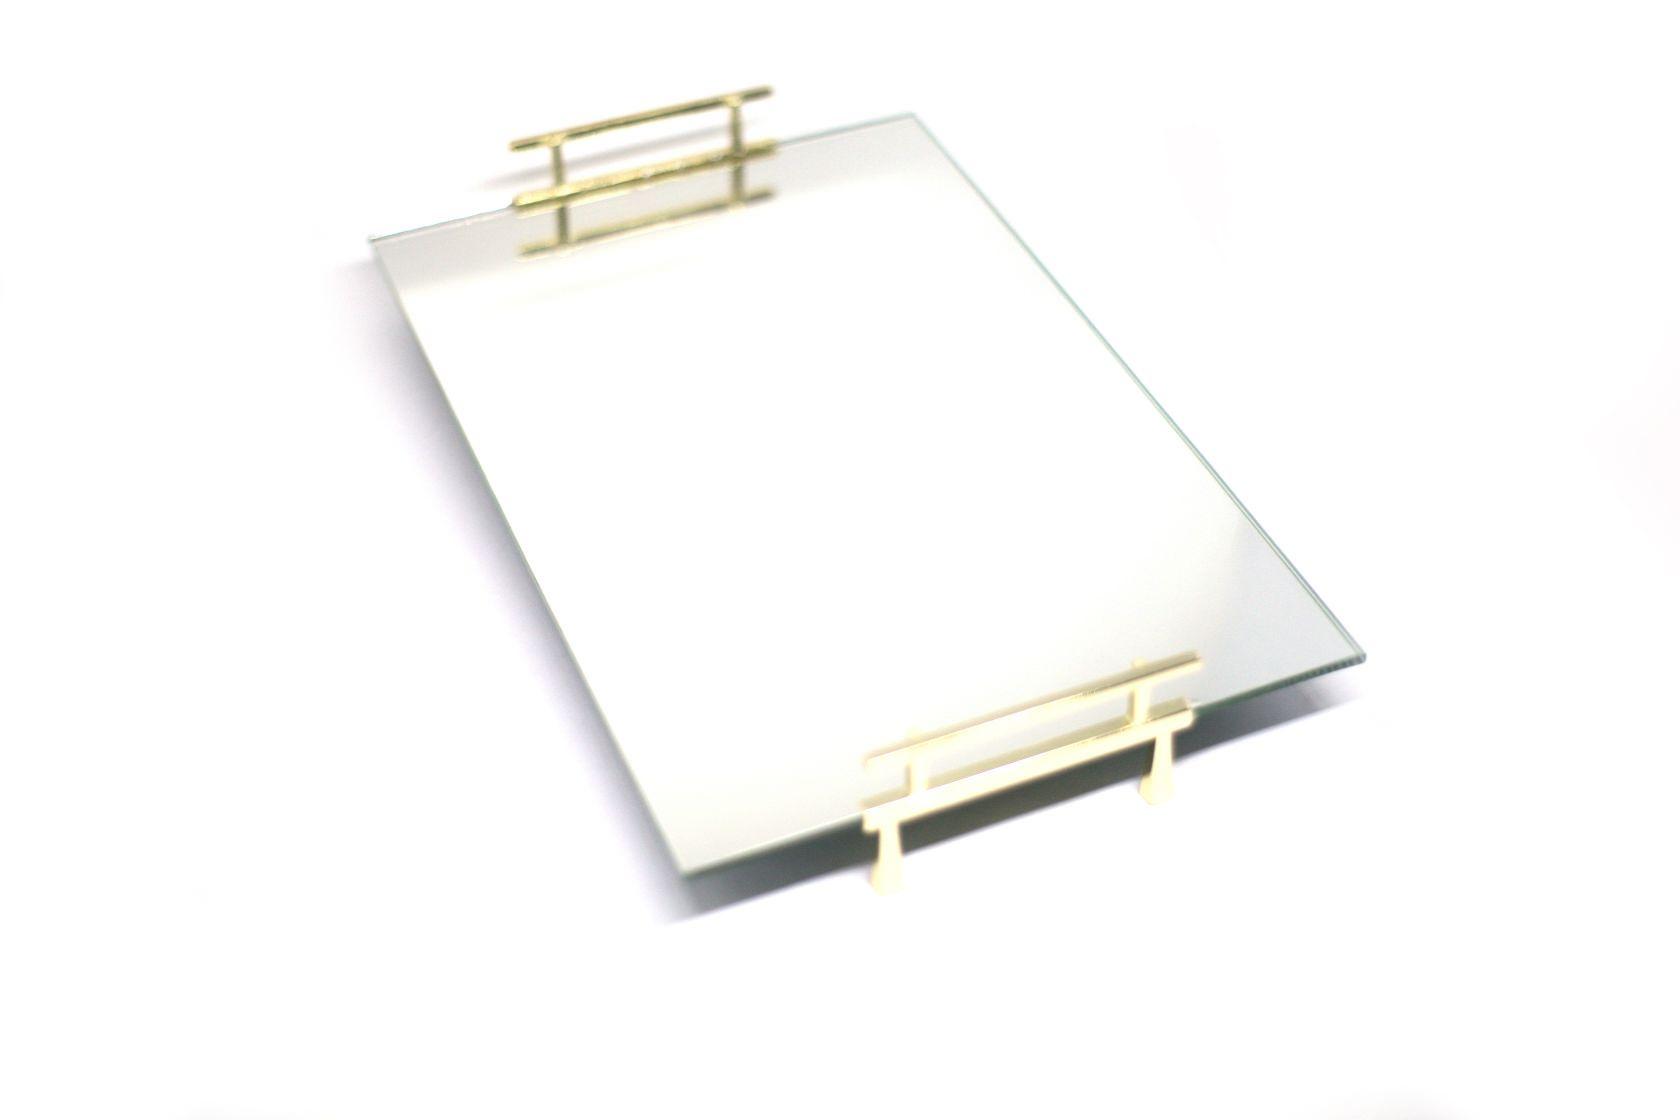 Bandeja Espelhada Com Alça Lateral Dourada Banheiro Lavabo 30x20